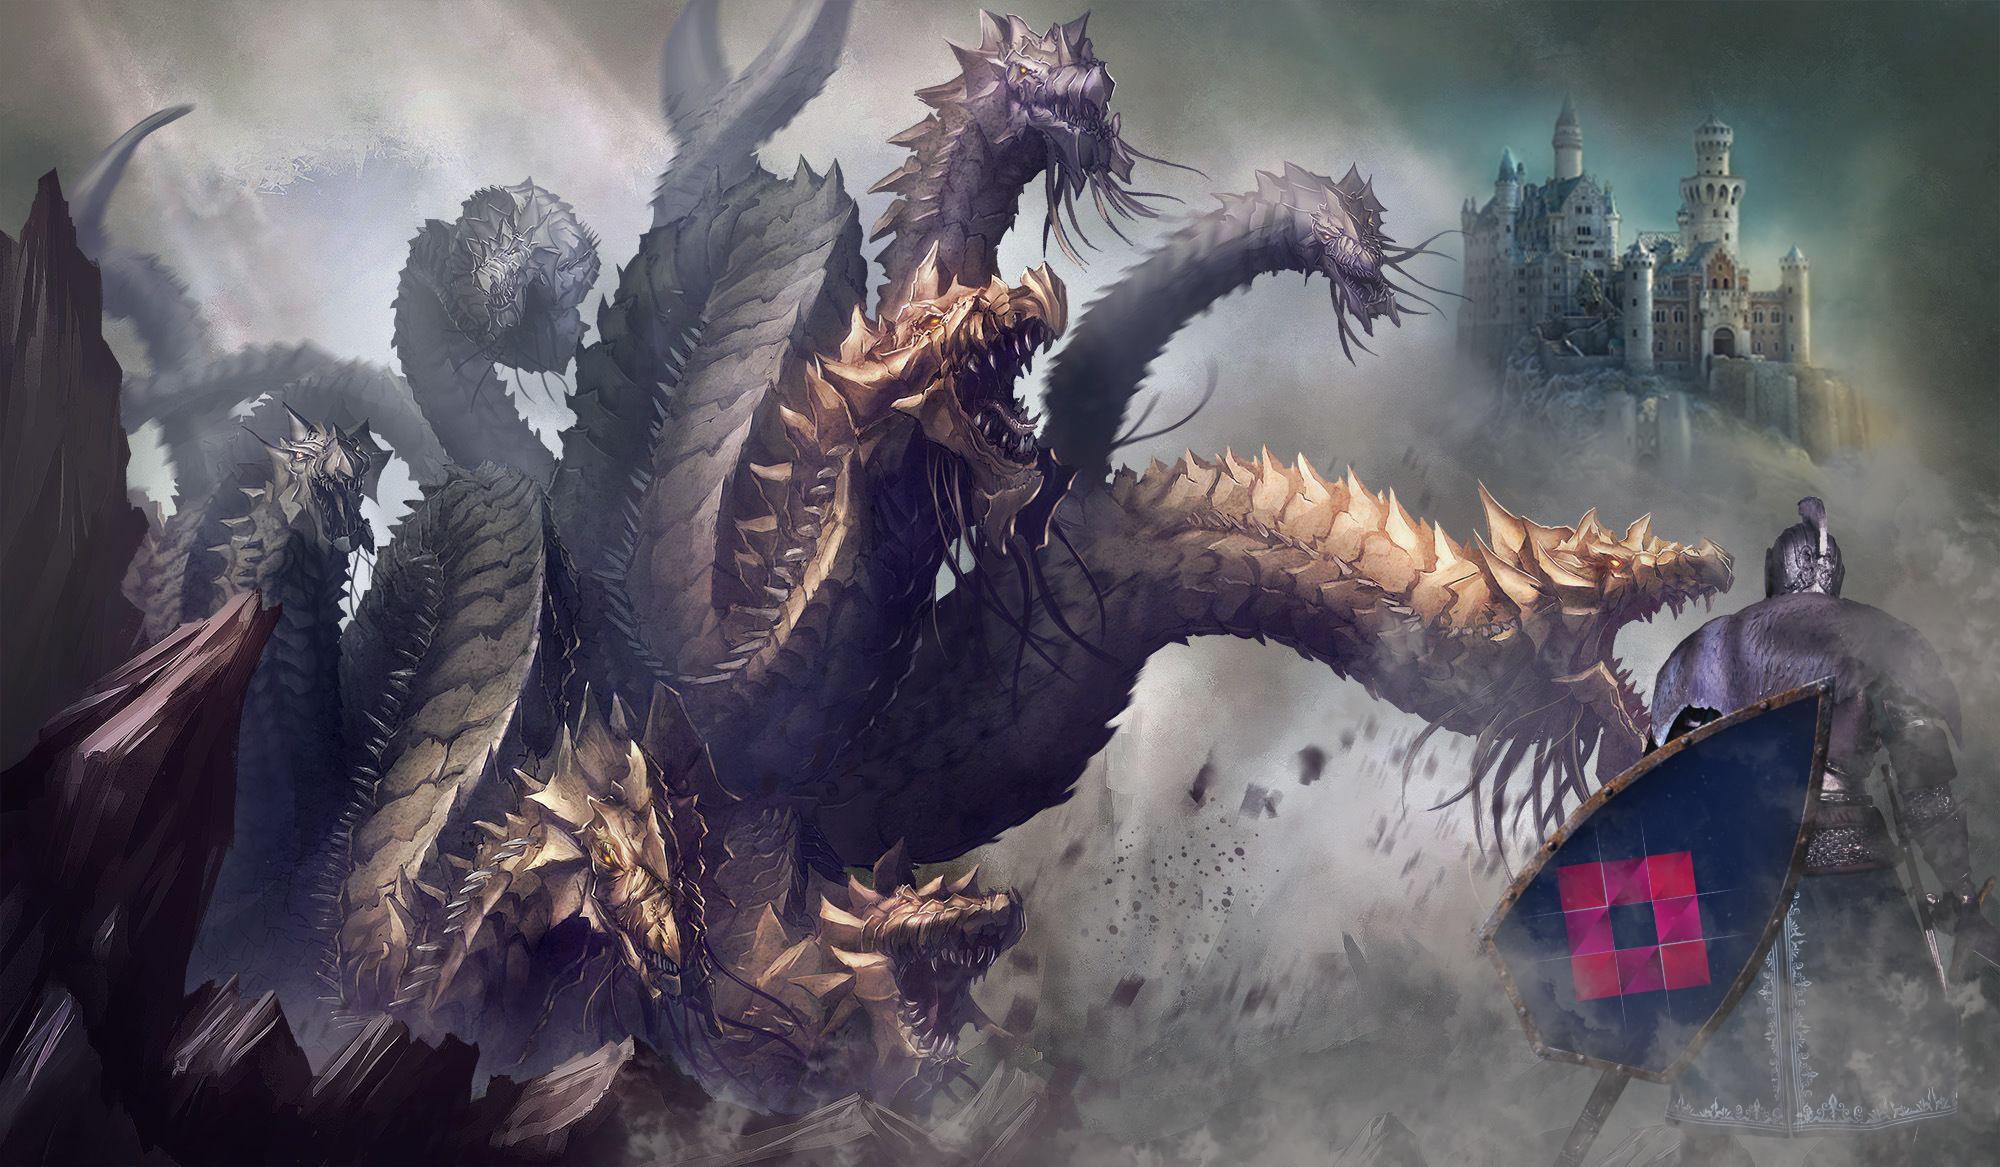 Cavaler cu logo COmplete Media Grup pe scut, care se lupta cu un dragon